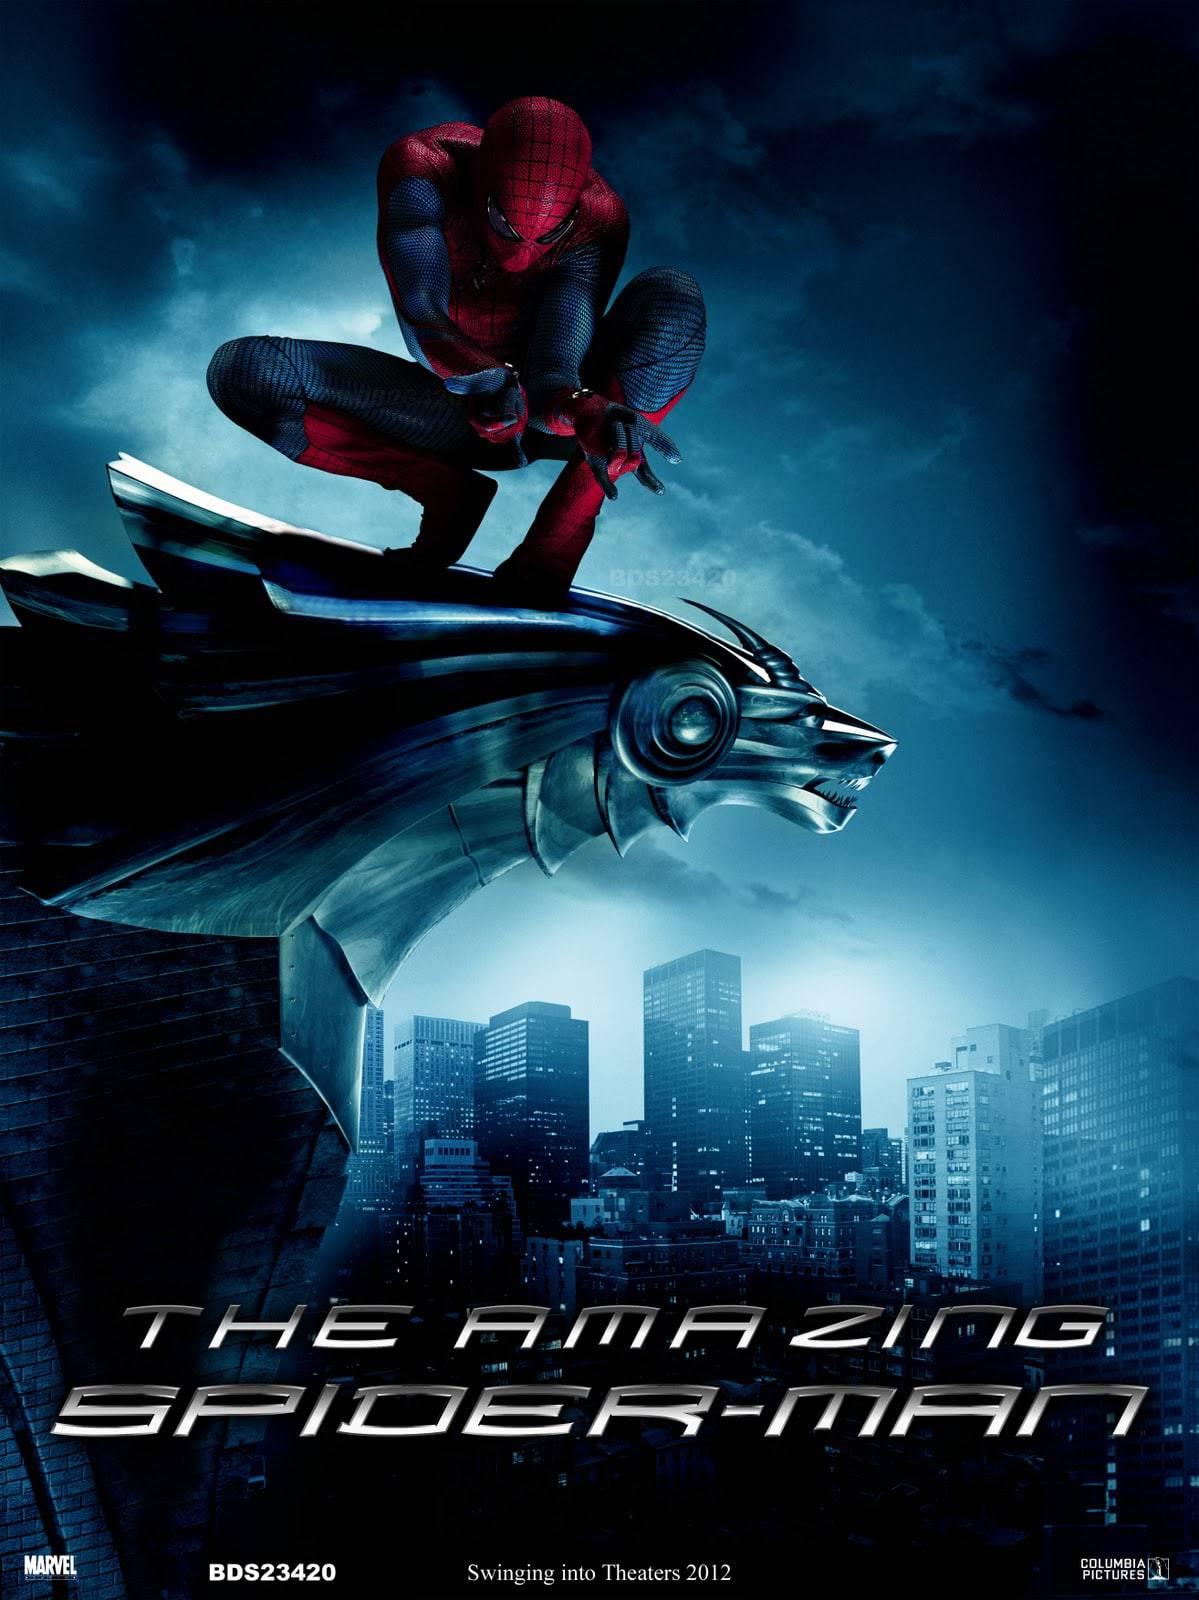 spiderman - Il Cavaliere Oscuro - Il ritorno è il film più atteso del 2012